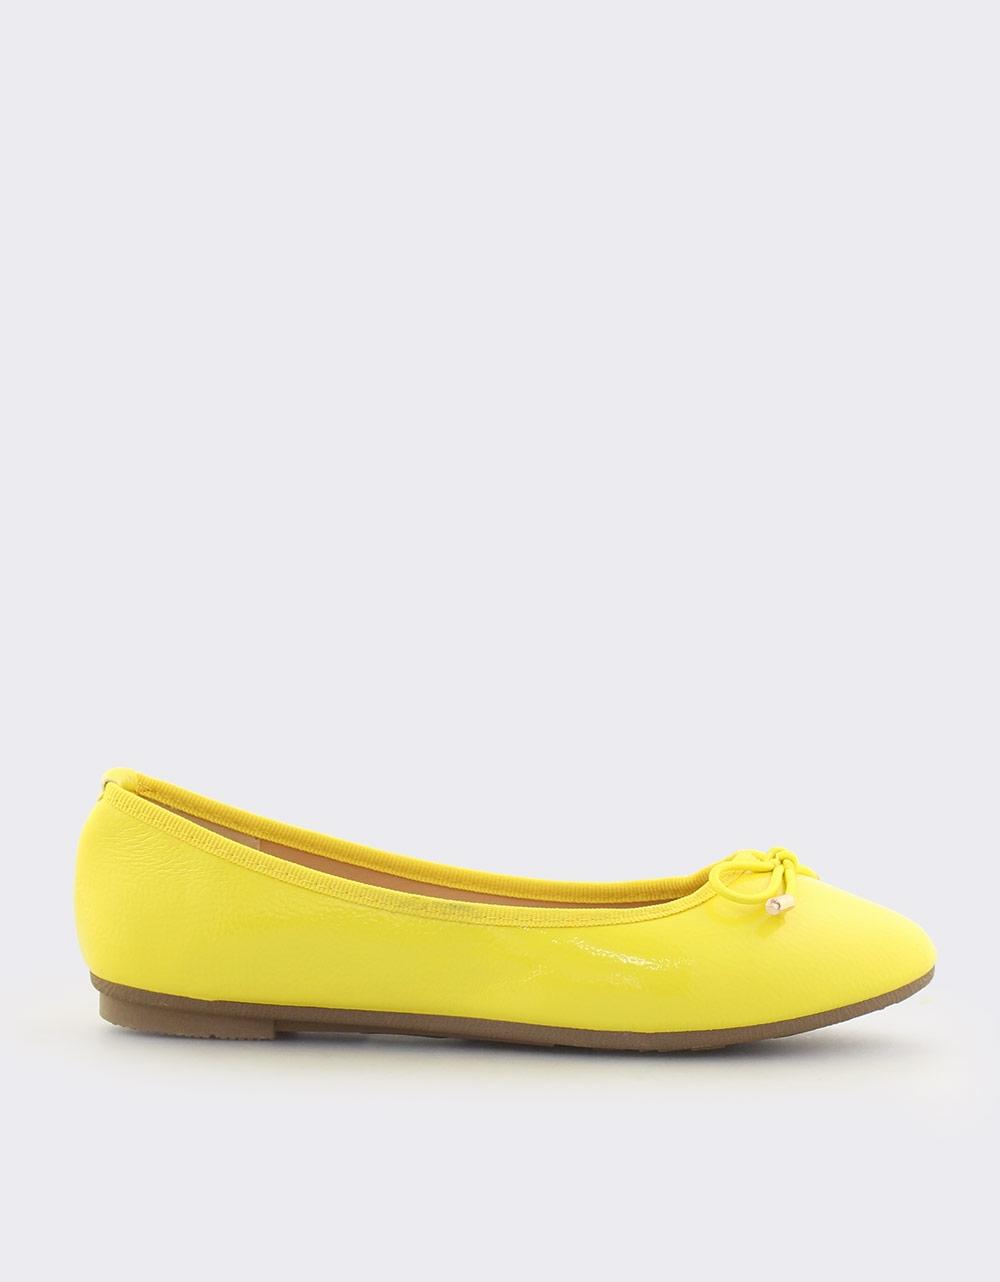 Εικόνα από Γυναικείες μπαλαρίνες λουστρίνι Κίτρινο